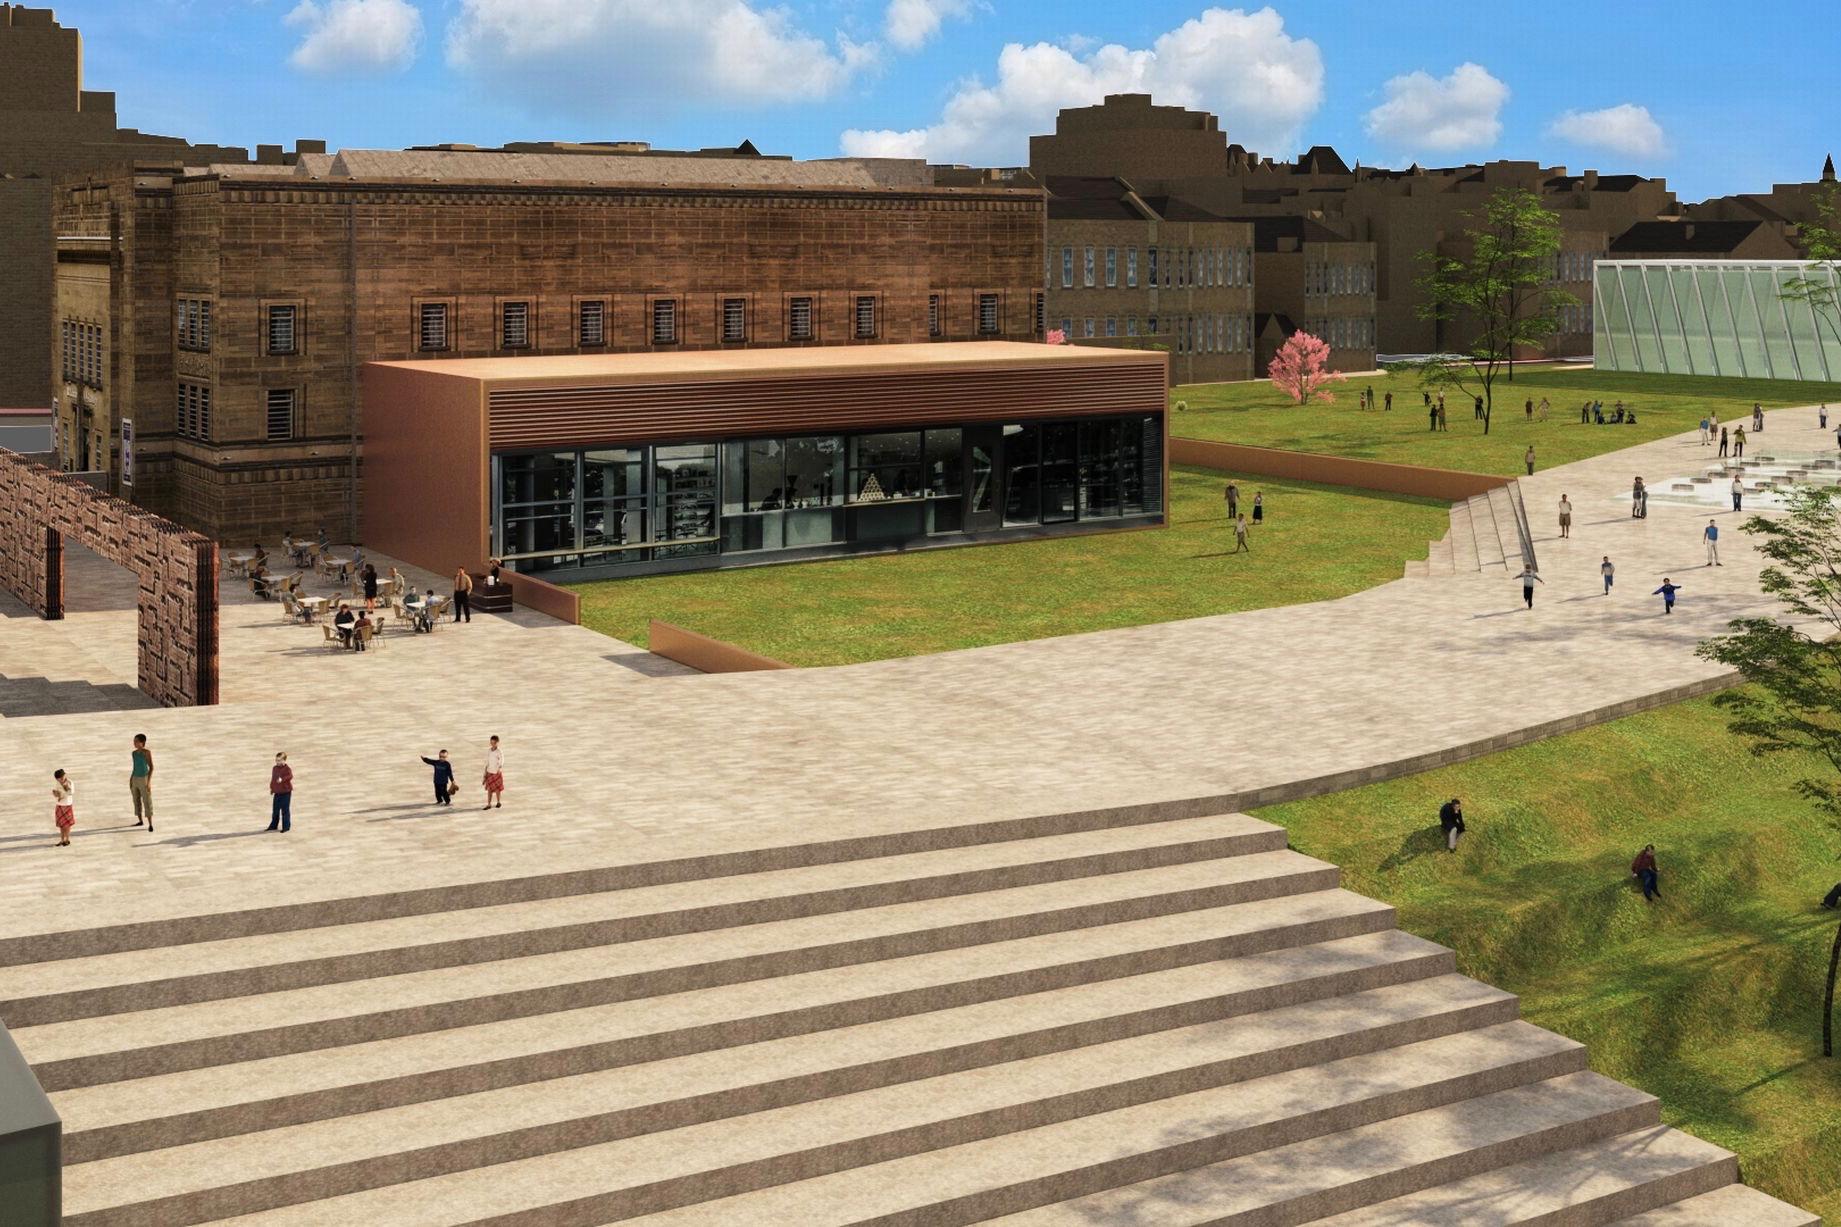 Huddersfield regeneration CGI